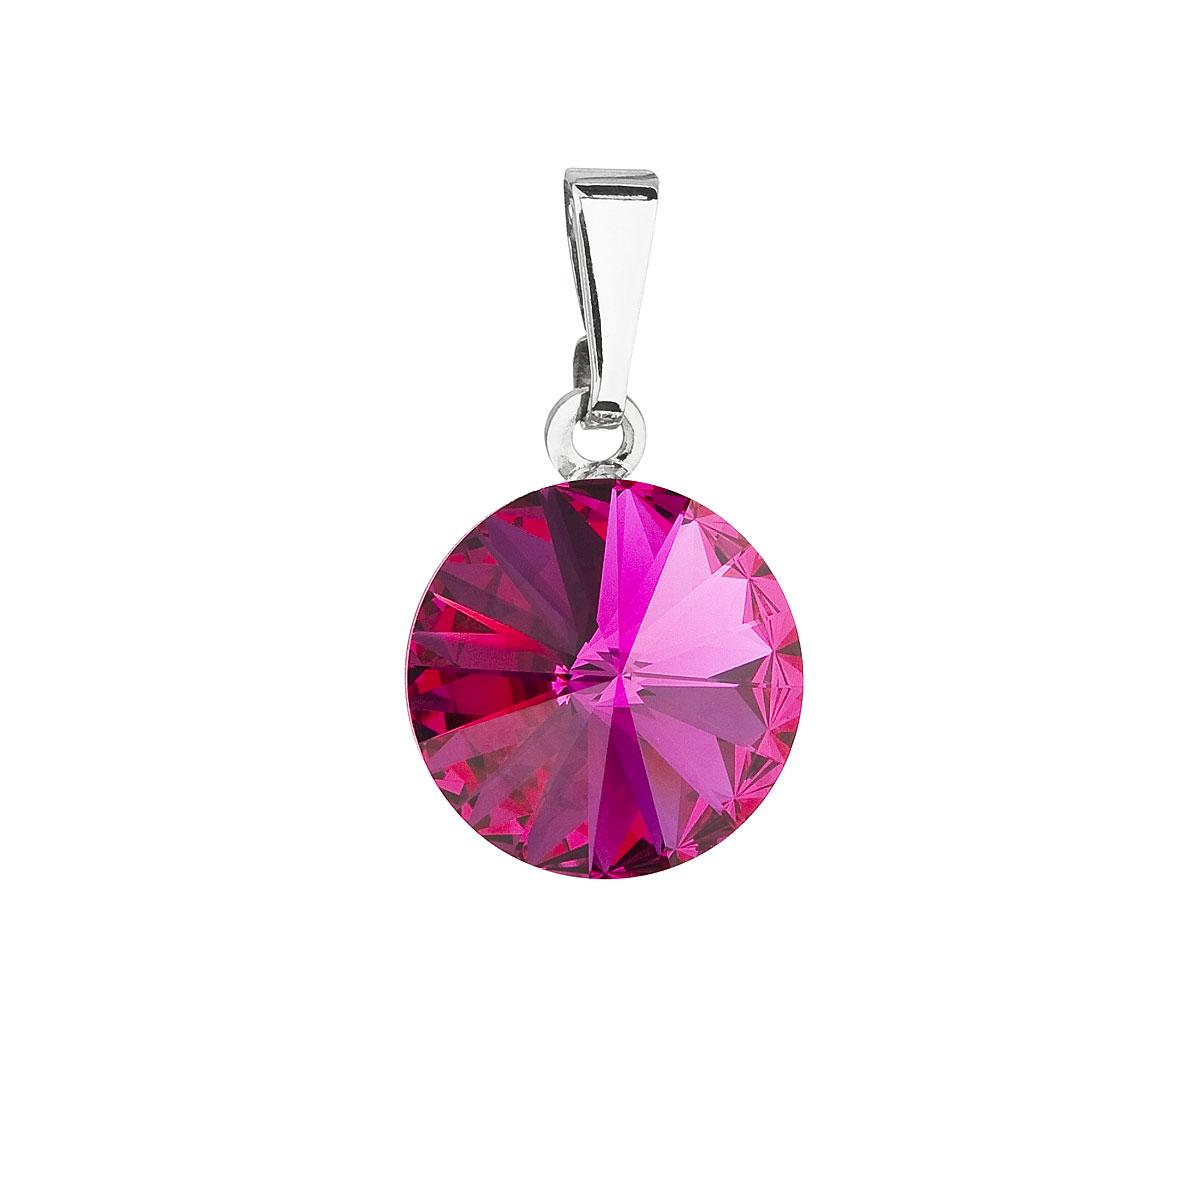 Evolution Group Přívěsek se Swarovski krystaly růžový kulatý 54001.3 fuchsia